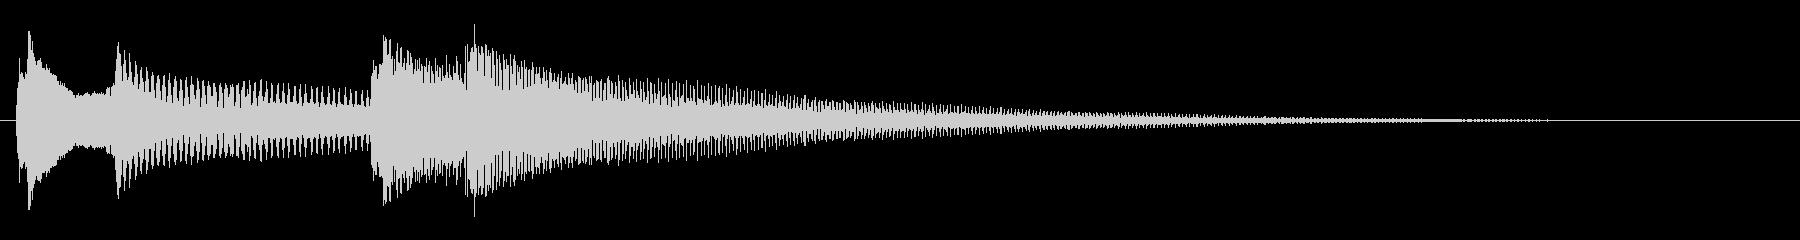 ピコーンピコーン(明るいお知らせ音)の未再生の波形